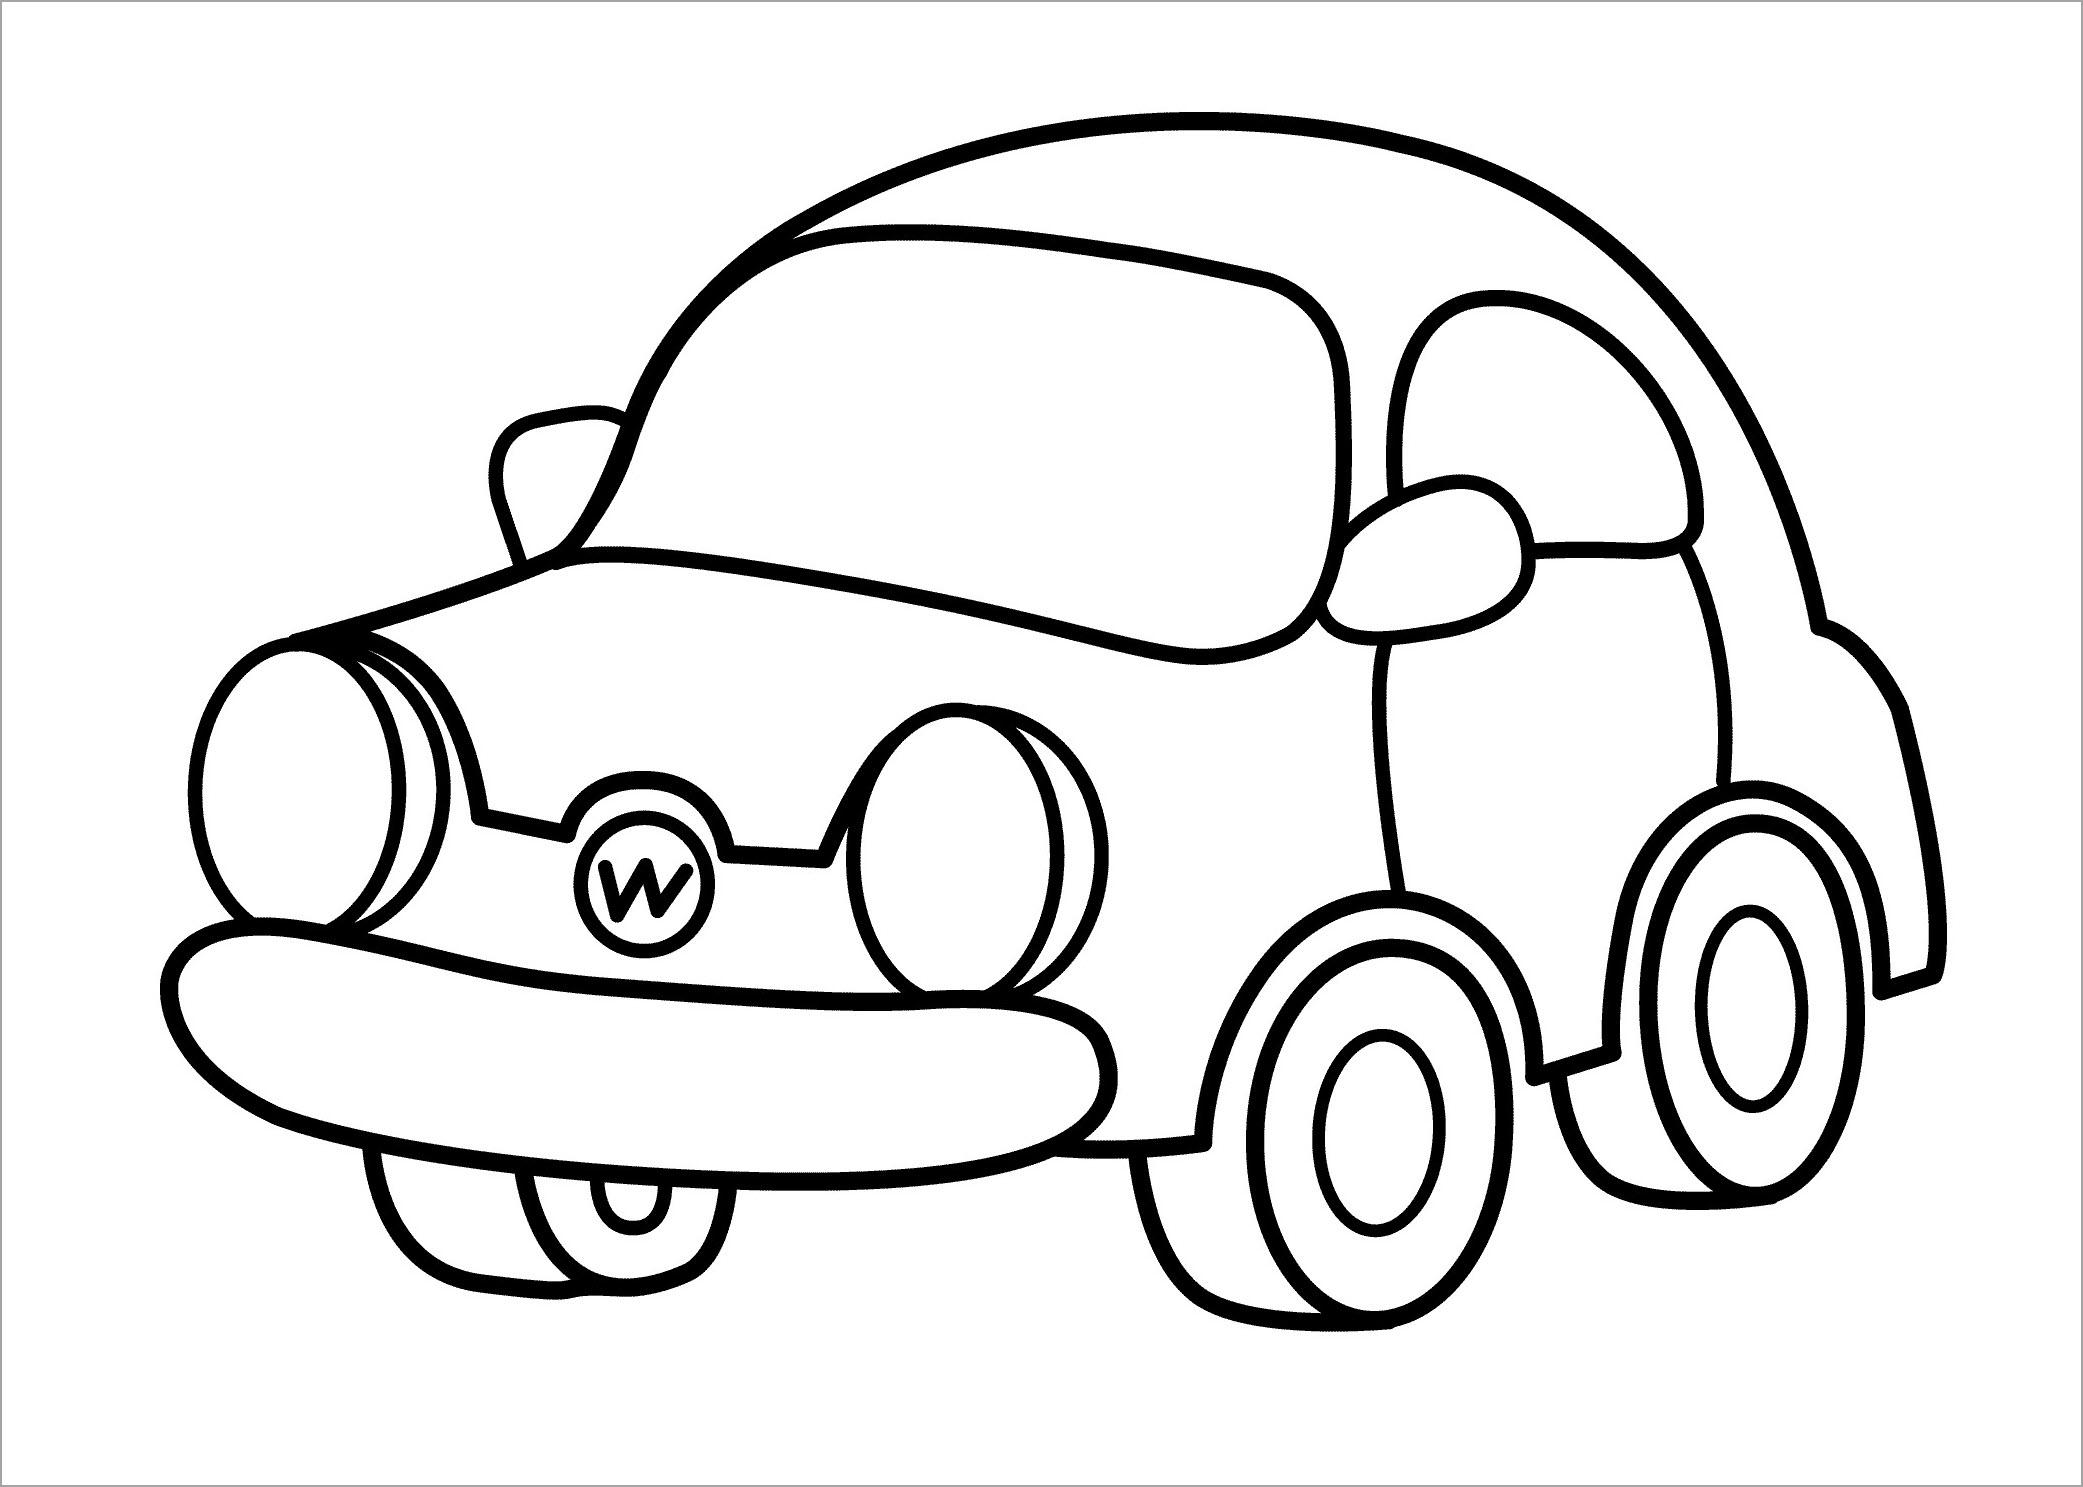 Tranh tô màu ô tô cho bé